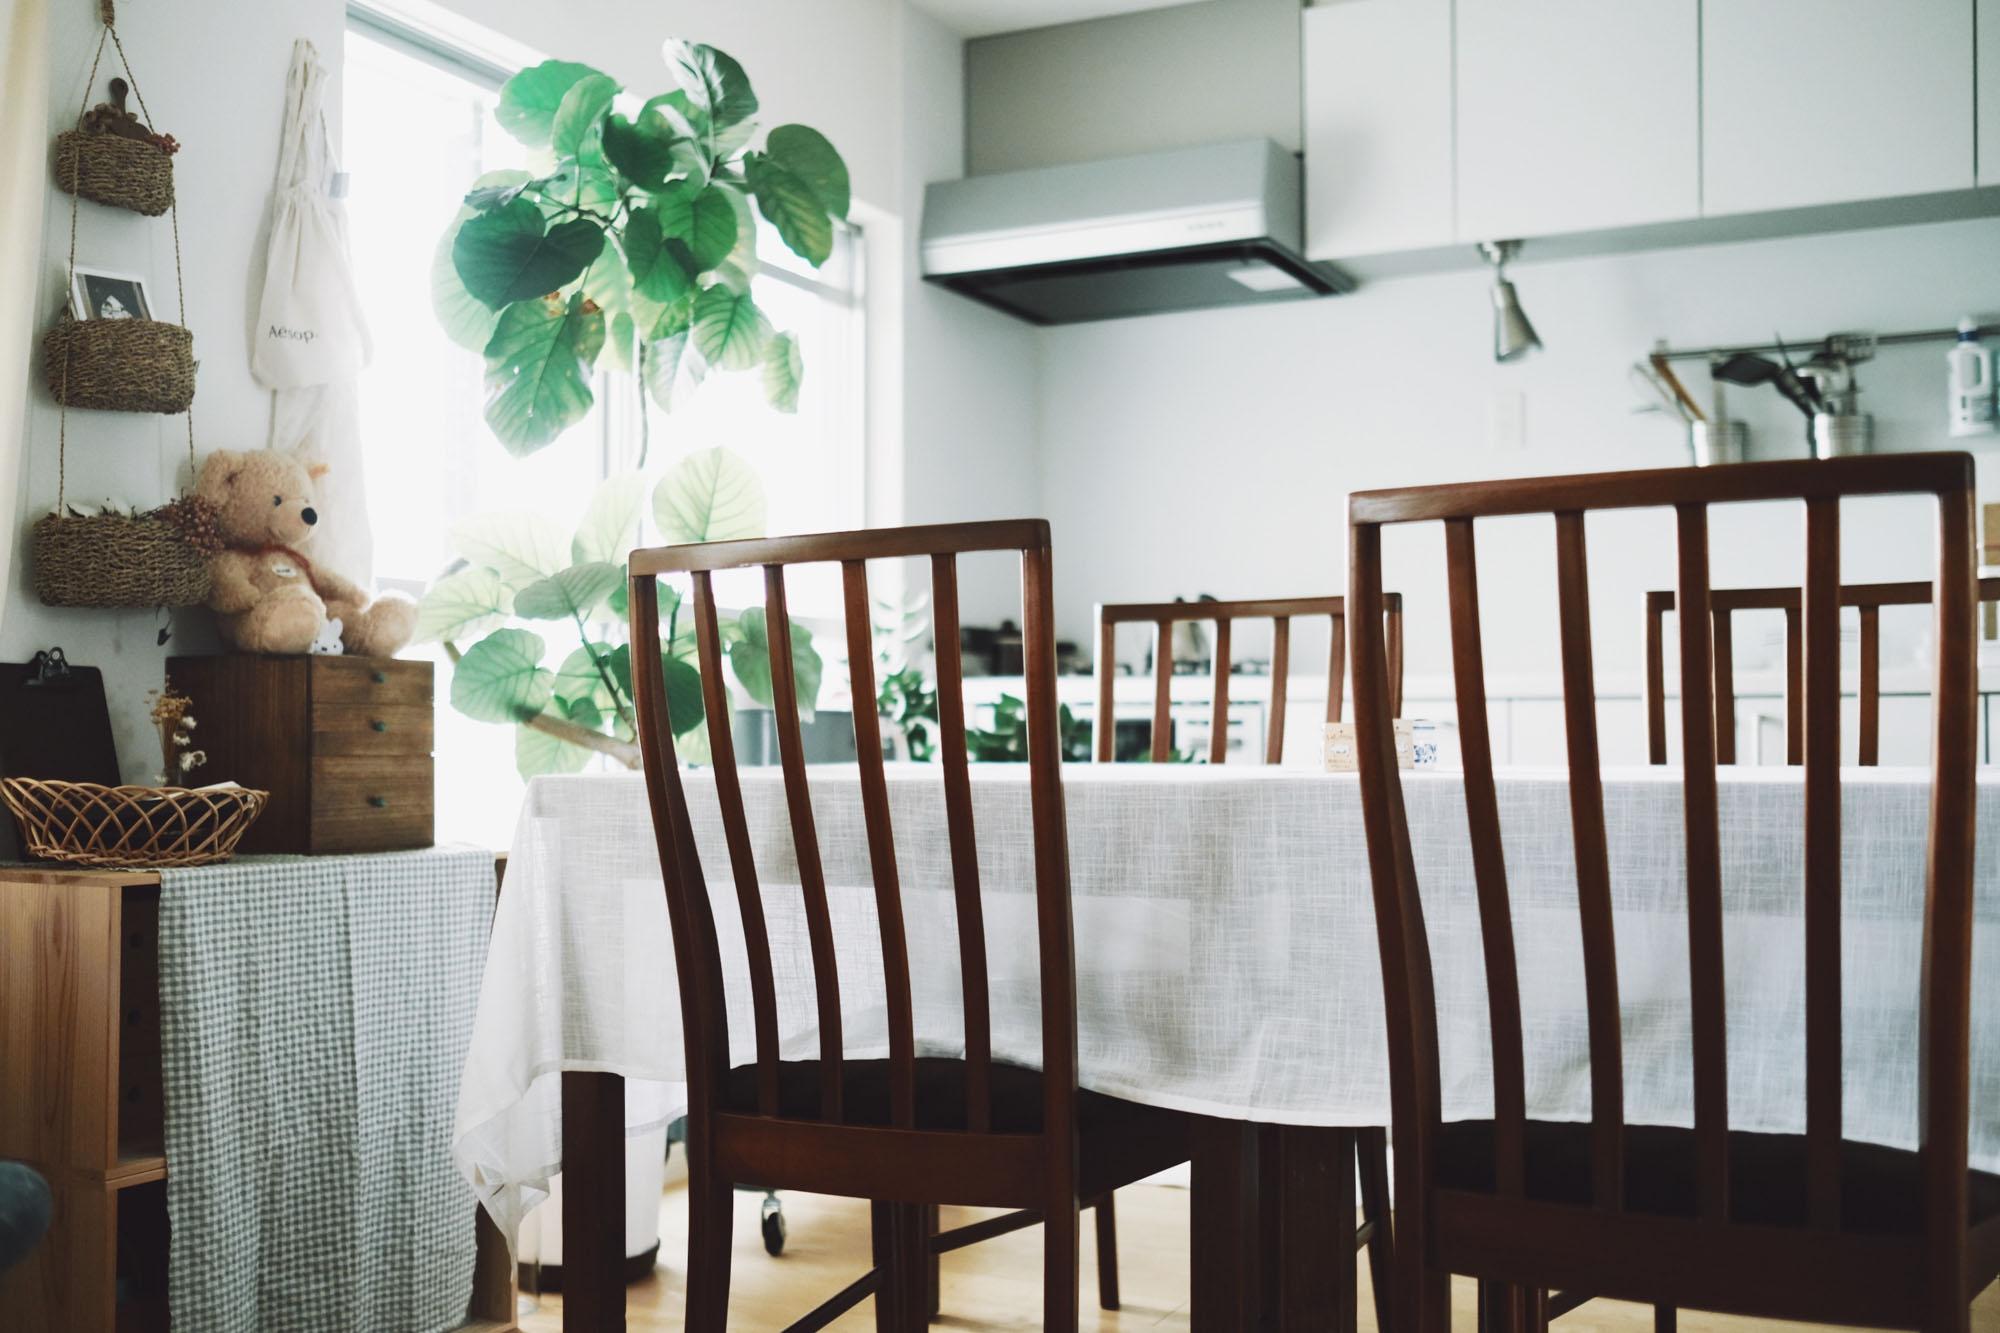 テーブルに合わせて、椅子もアンティークのもので揃えられたそうです。リノベーションされていて内装は綺麗だけれど、築年数のある建物だからこそ、こうしたインテリアがしっくりと合うのかもしれません。